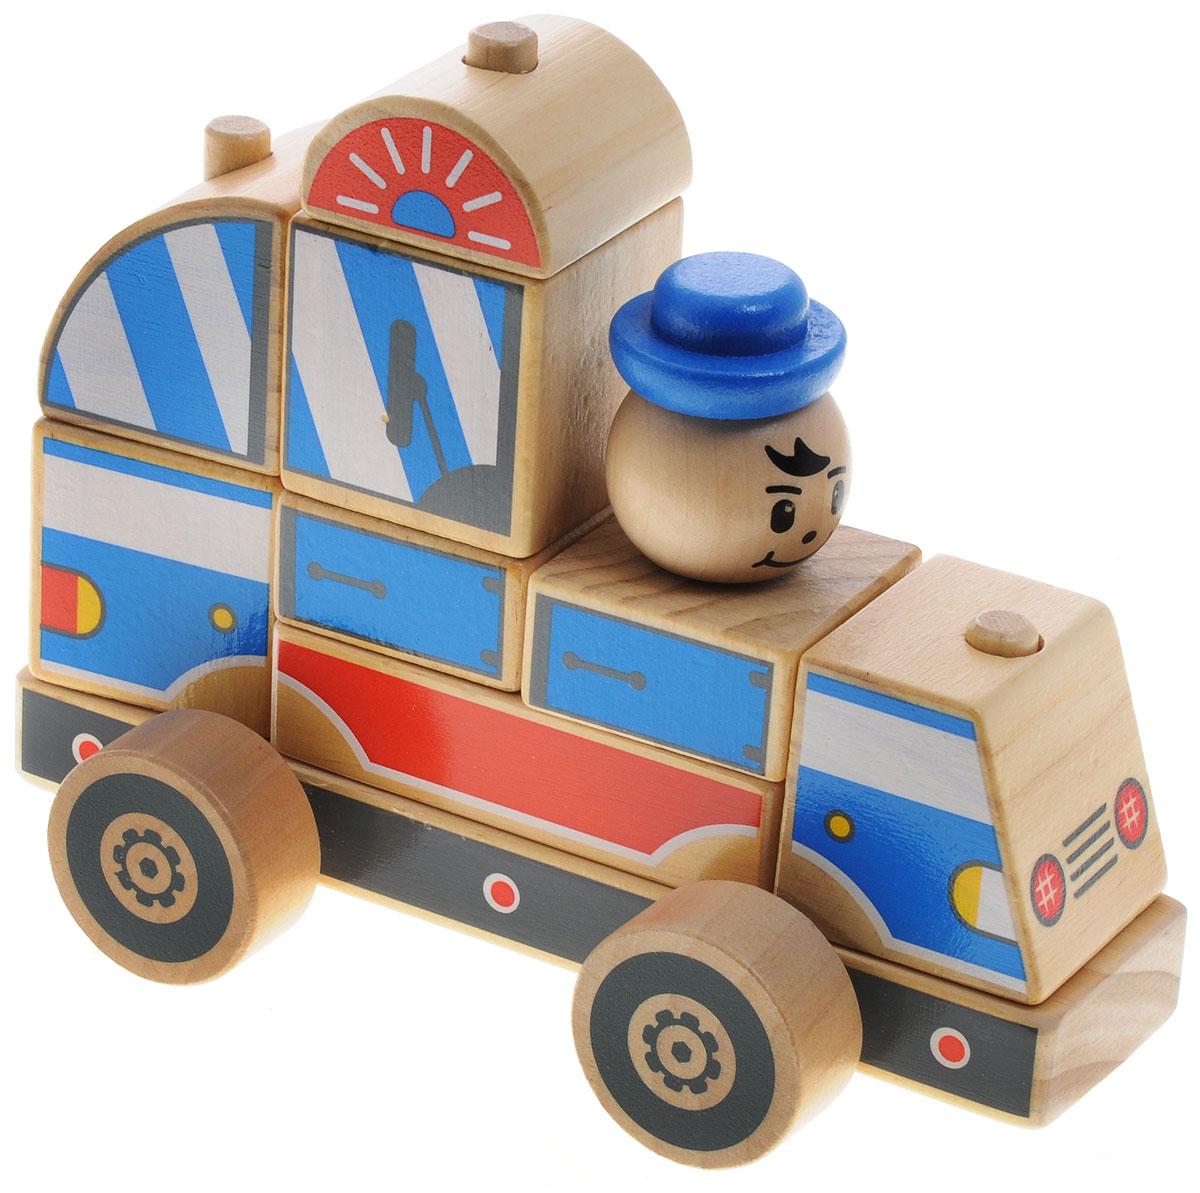 Мир деревянных игрушек Конструктор Полицейская машина, Конструкторы  - купить со скидкой